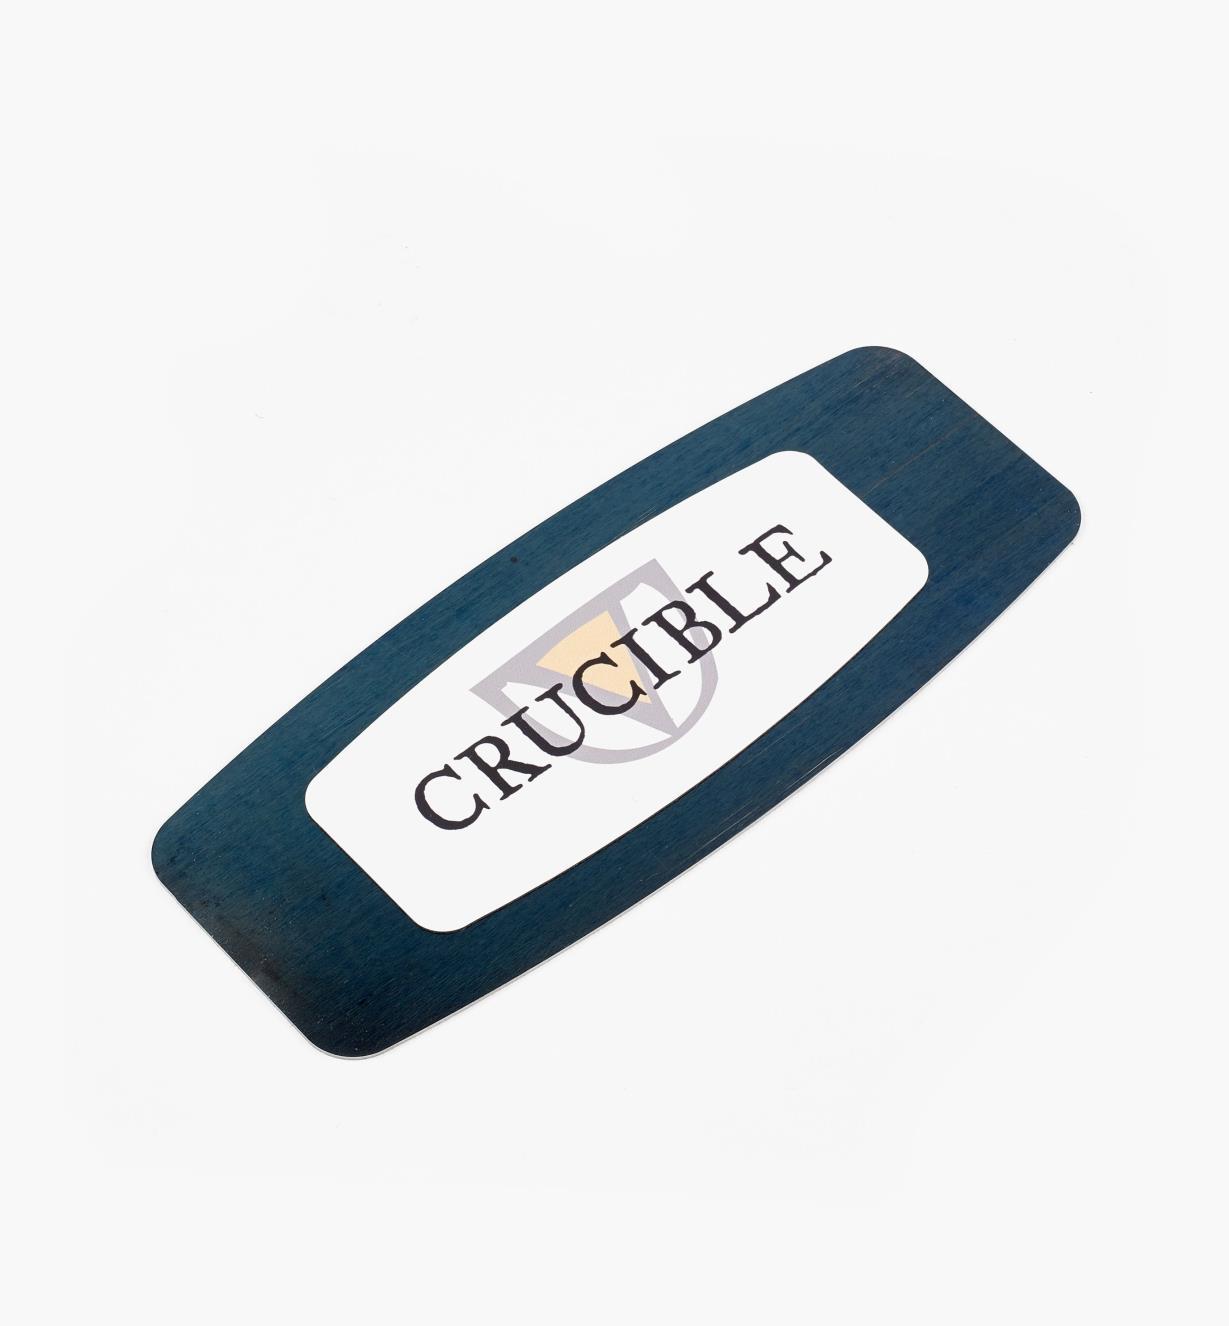 97K5010 - Crucible Scraper